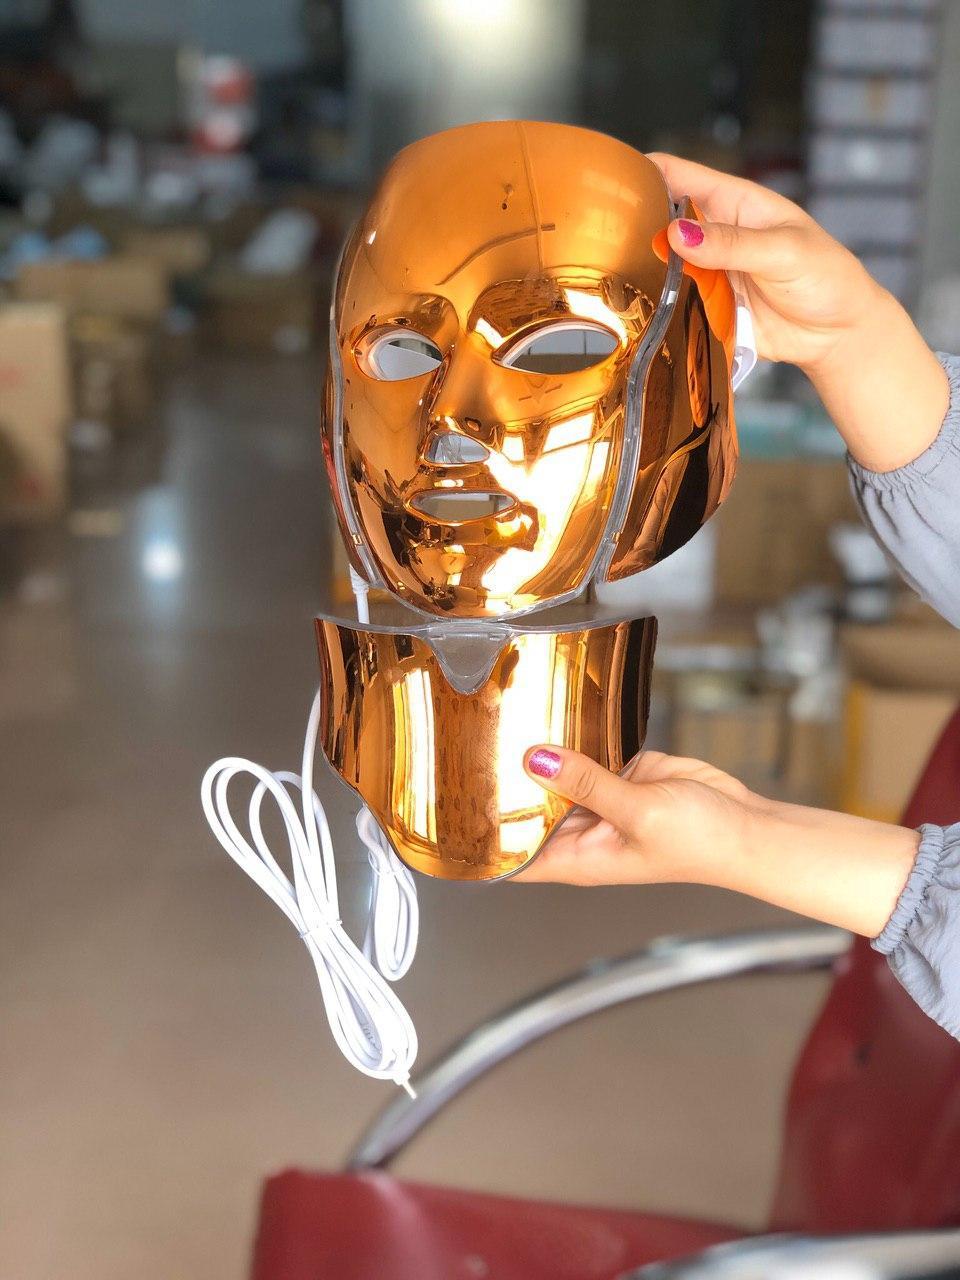 ماسک-نور-درمانی-با-7-رنگ-متفاوت